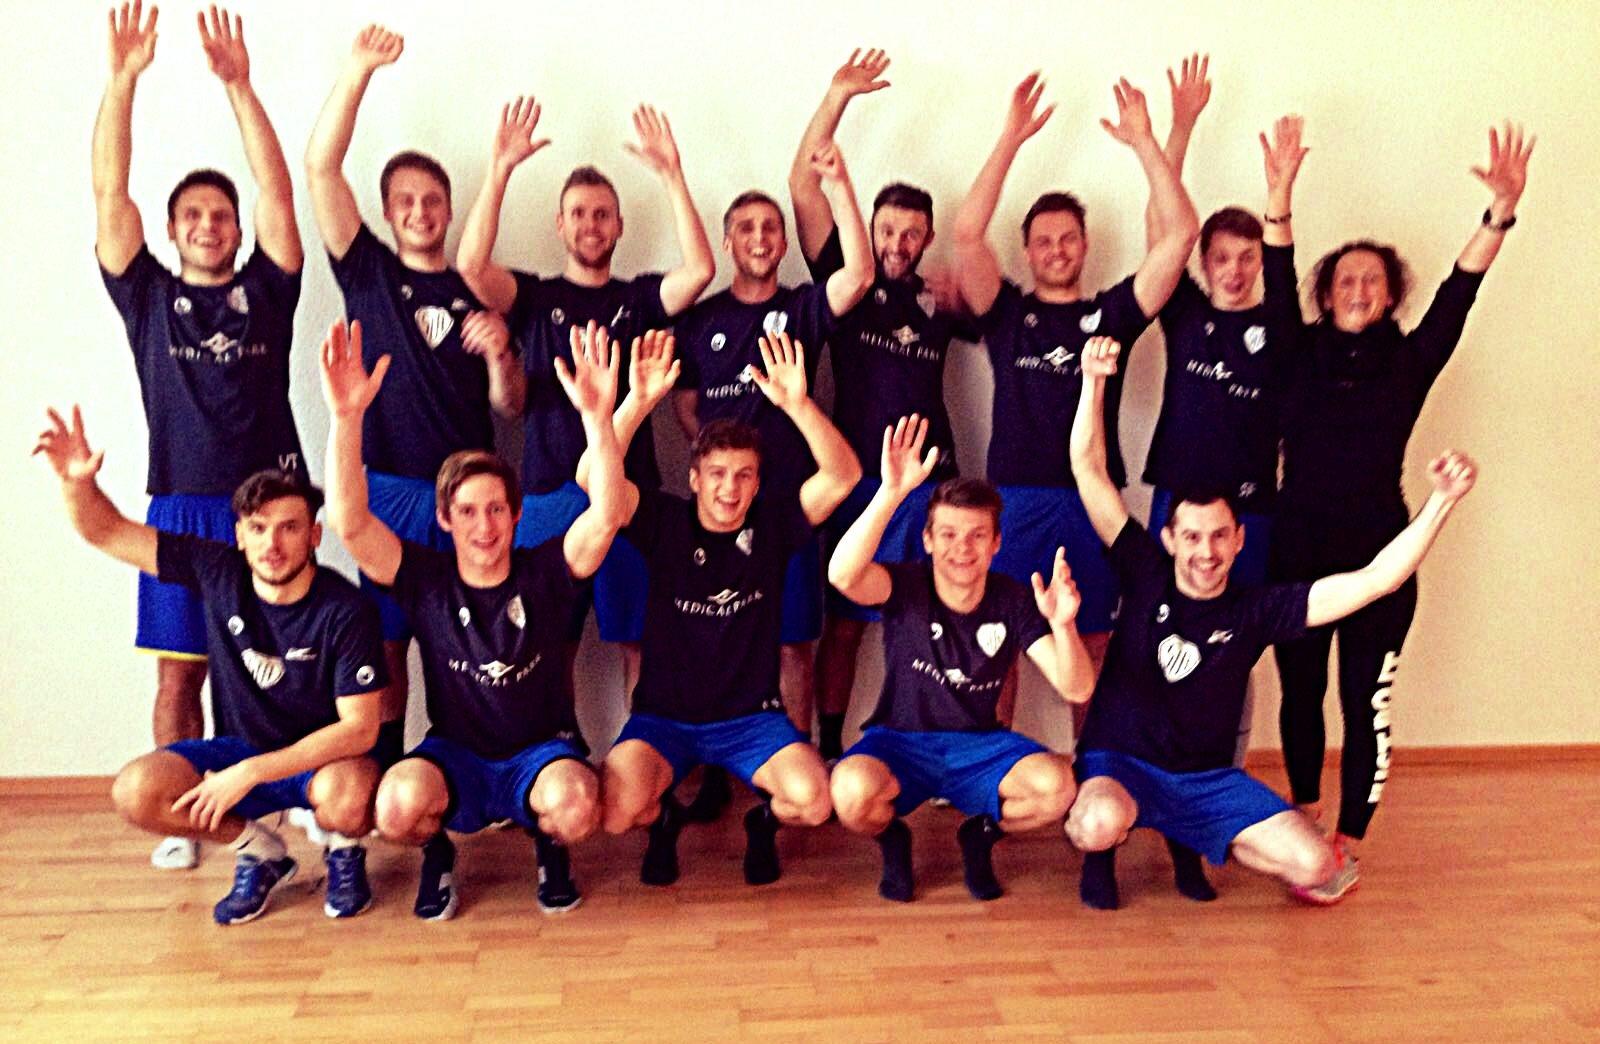 Fußballmannschaft auf Laminatboden vor weißer Wand aufgestellt